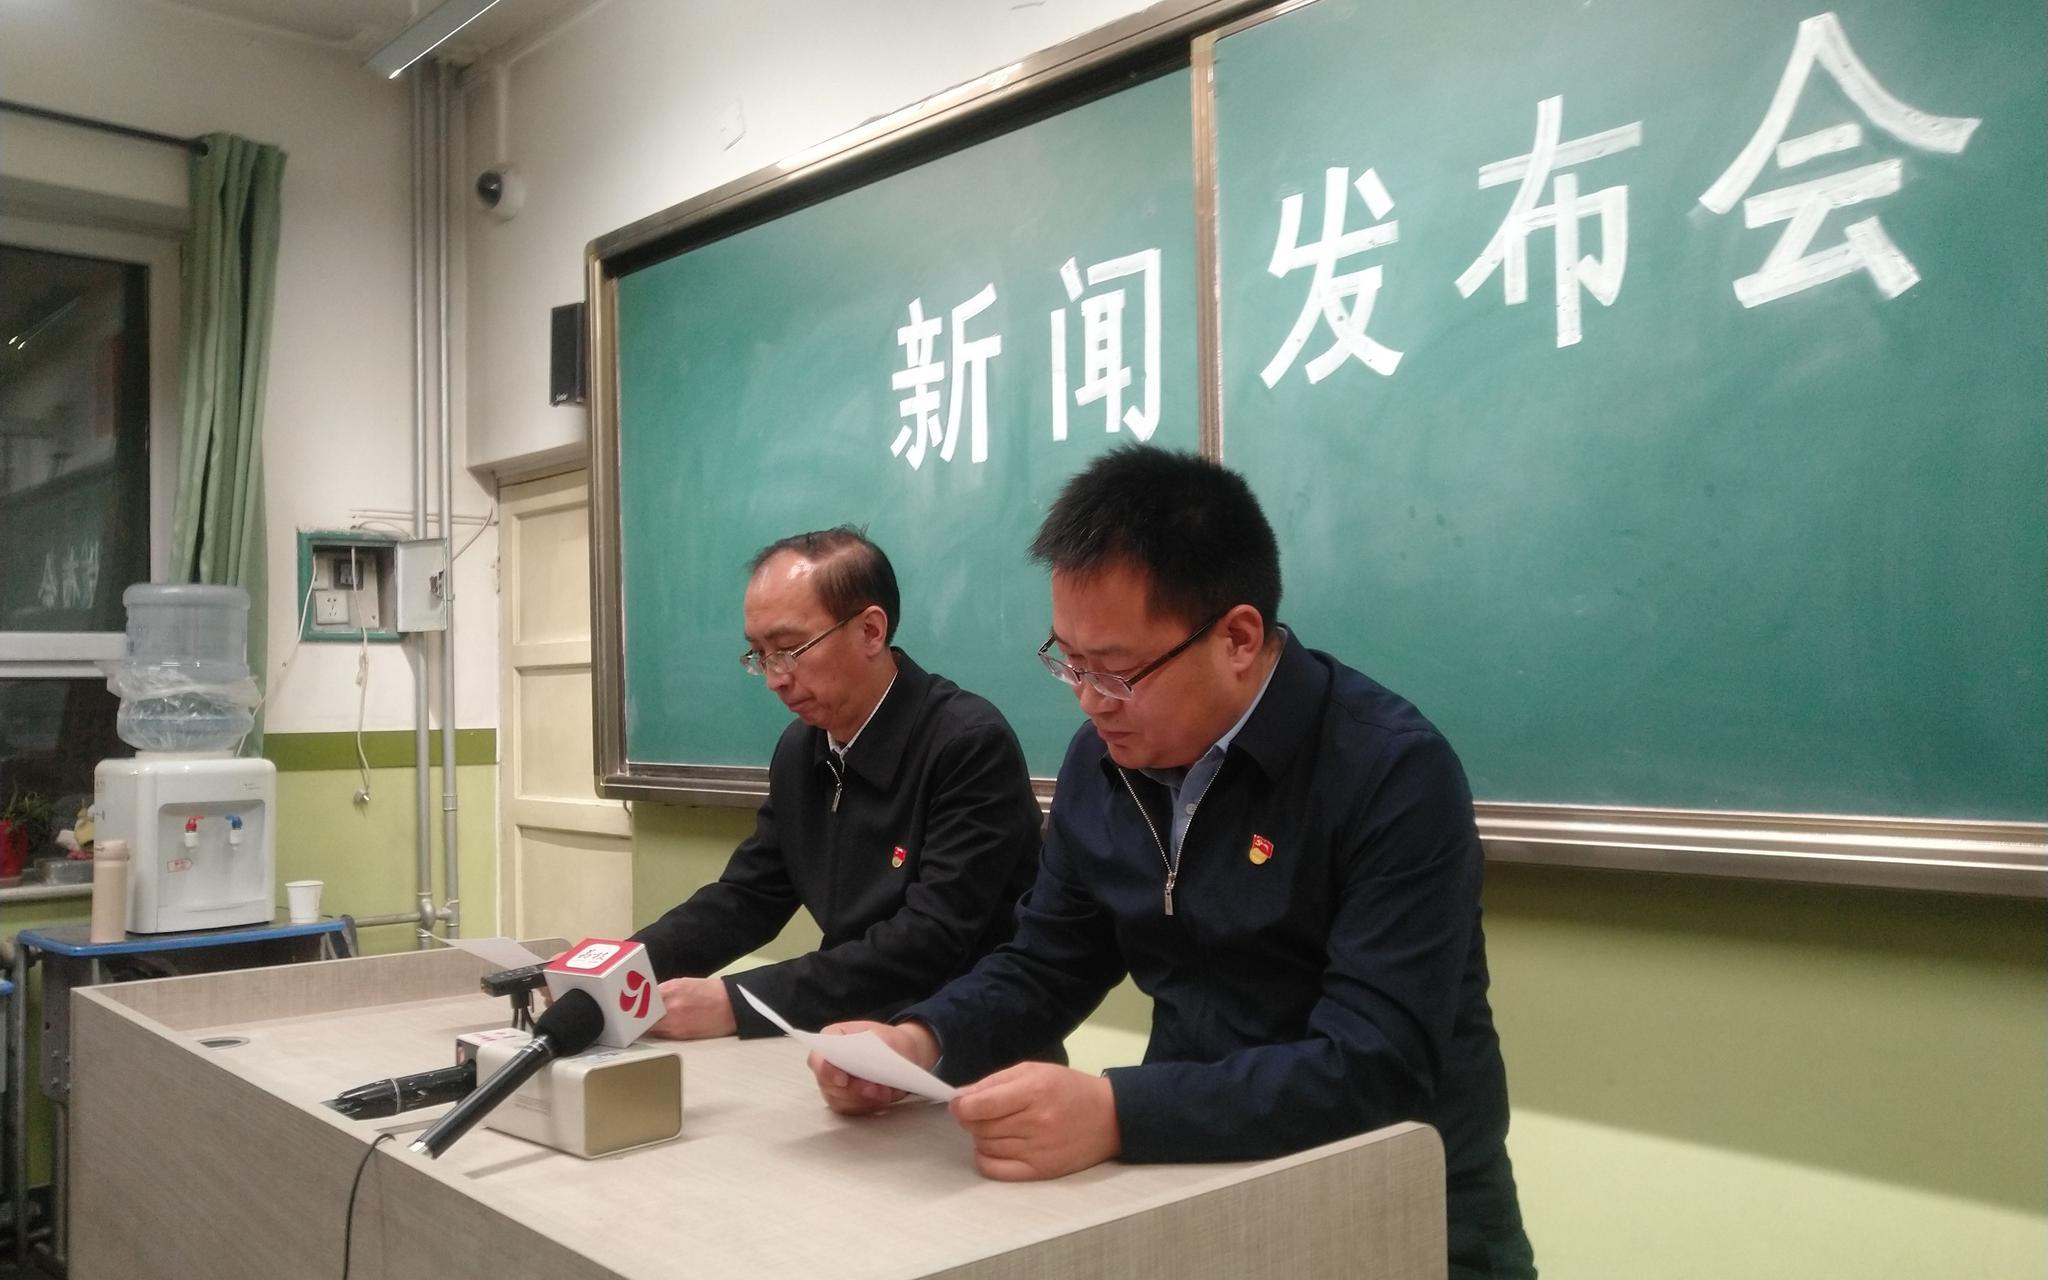 1月17日晚,西宁市政府第五次新闻发布会现场。新京报记者 张惠兰 摄